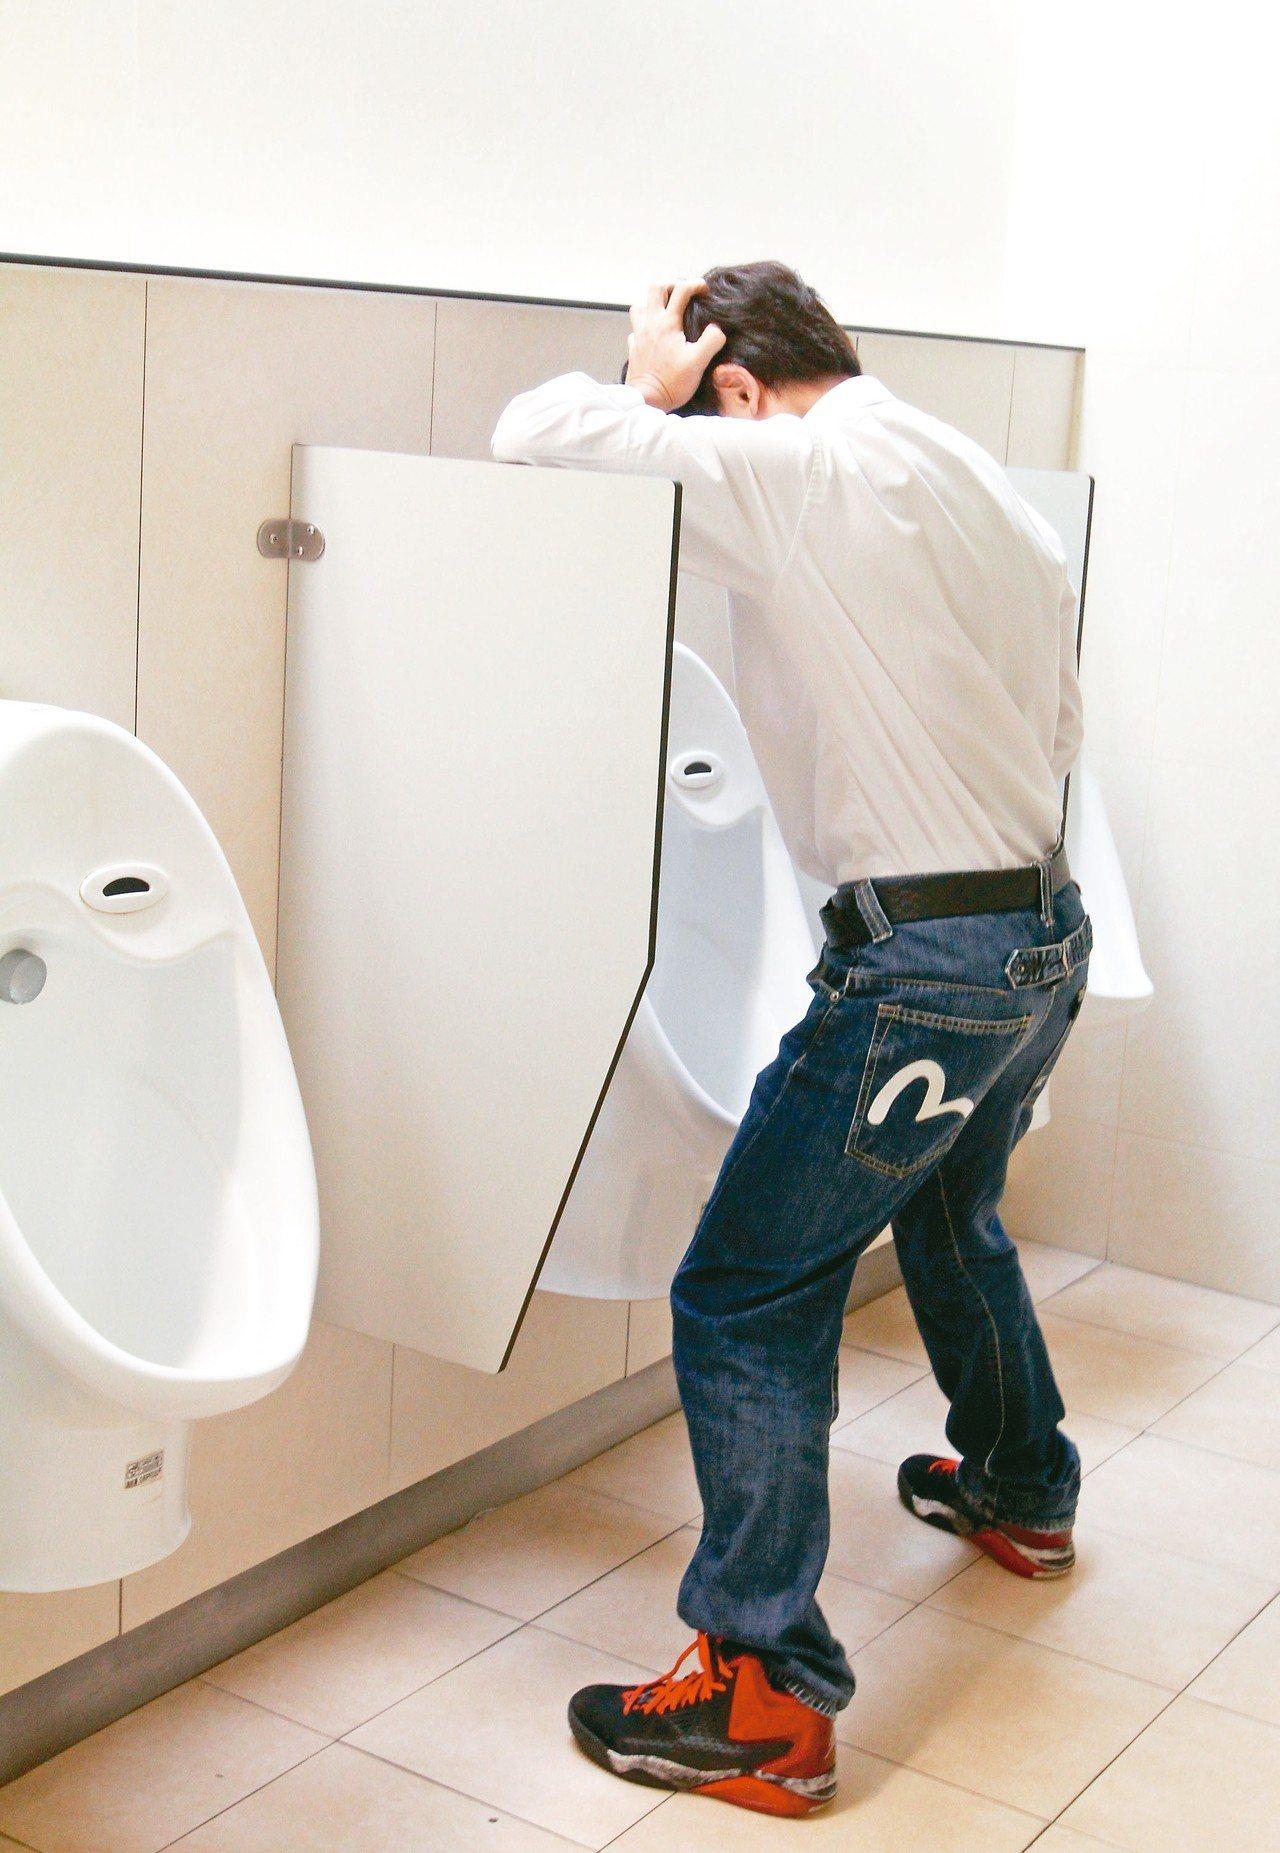 有患者下體疼痛,原來是結石卡在輸尿管上端。 圖/聯合報系資料照片